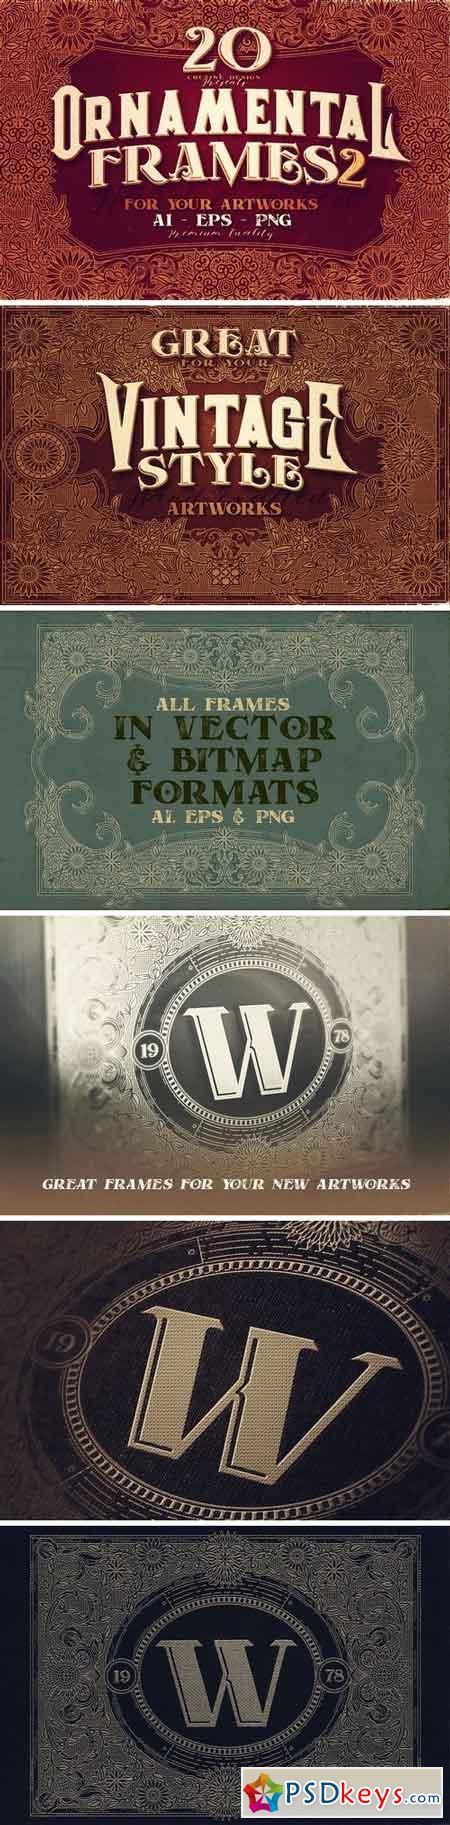 20 Ornamental Vintage Frames 2 3212825